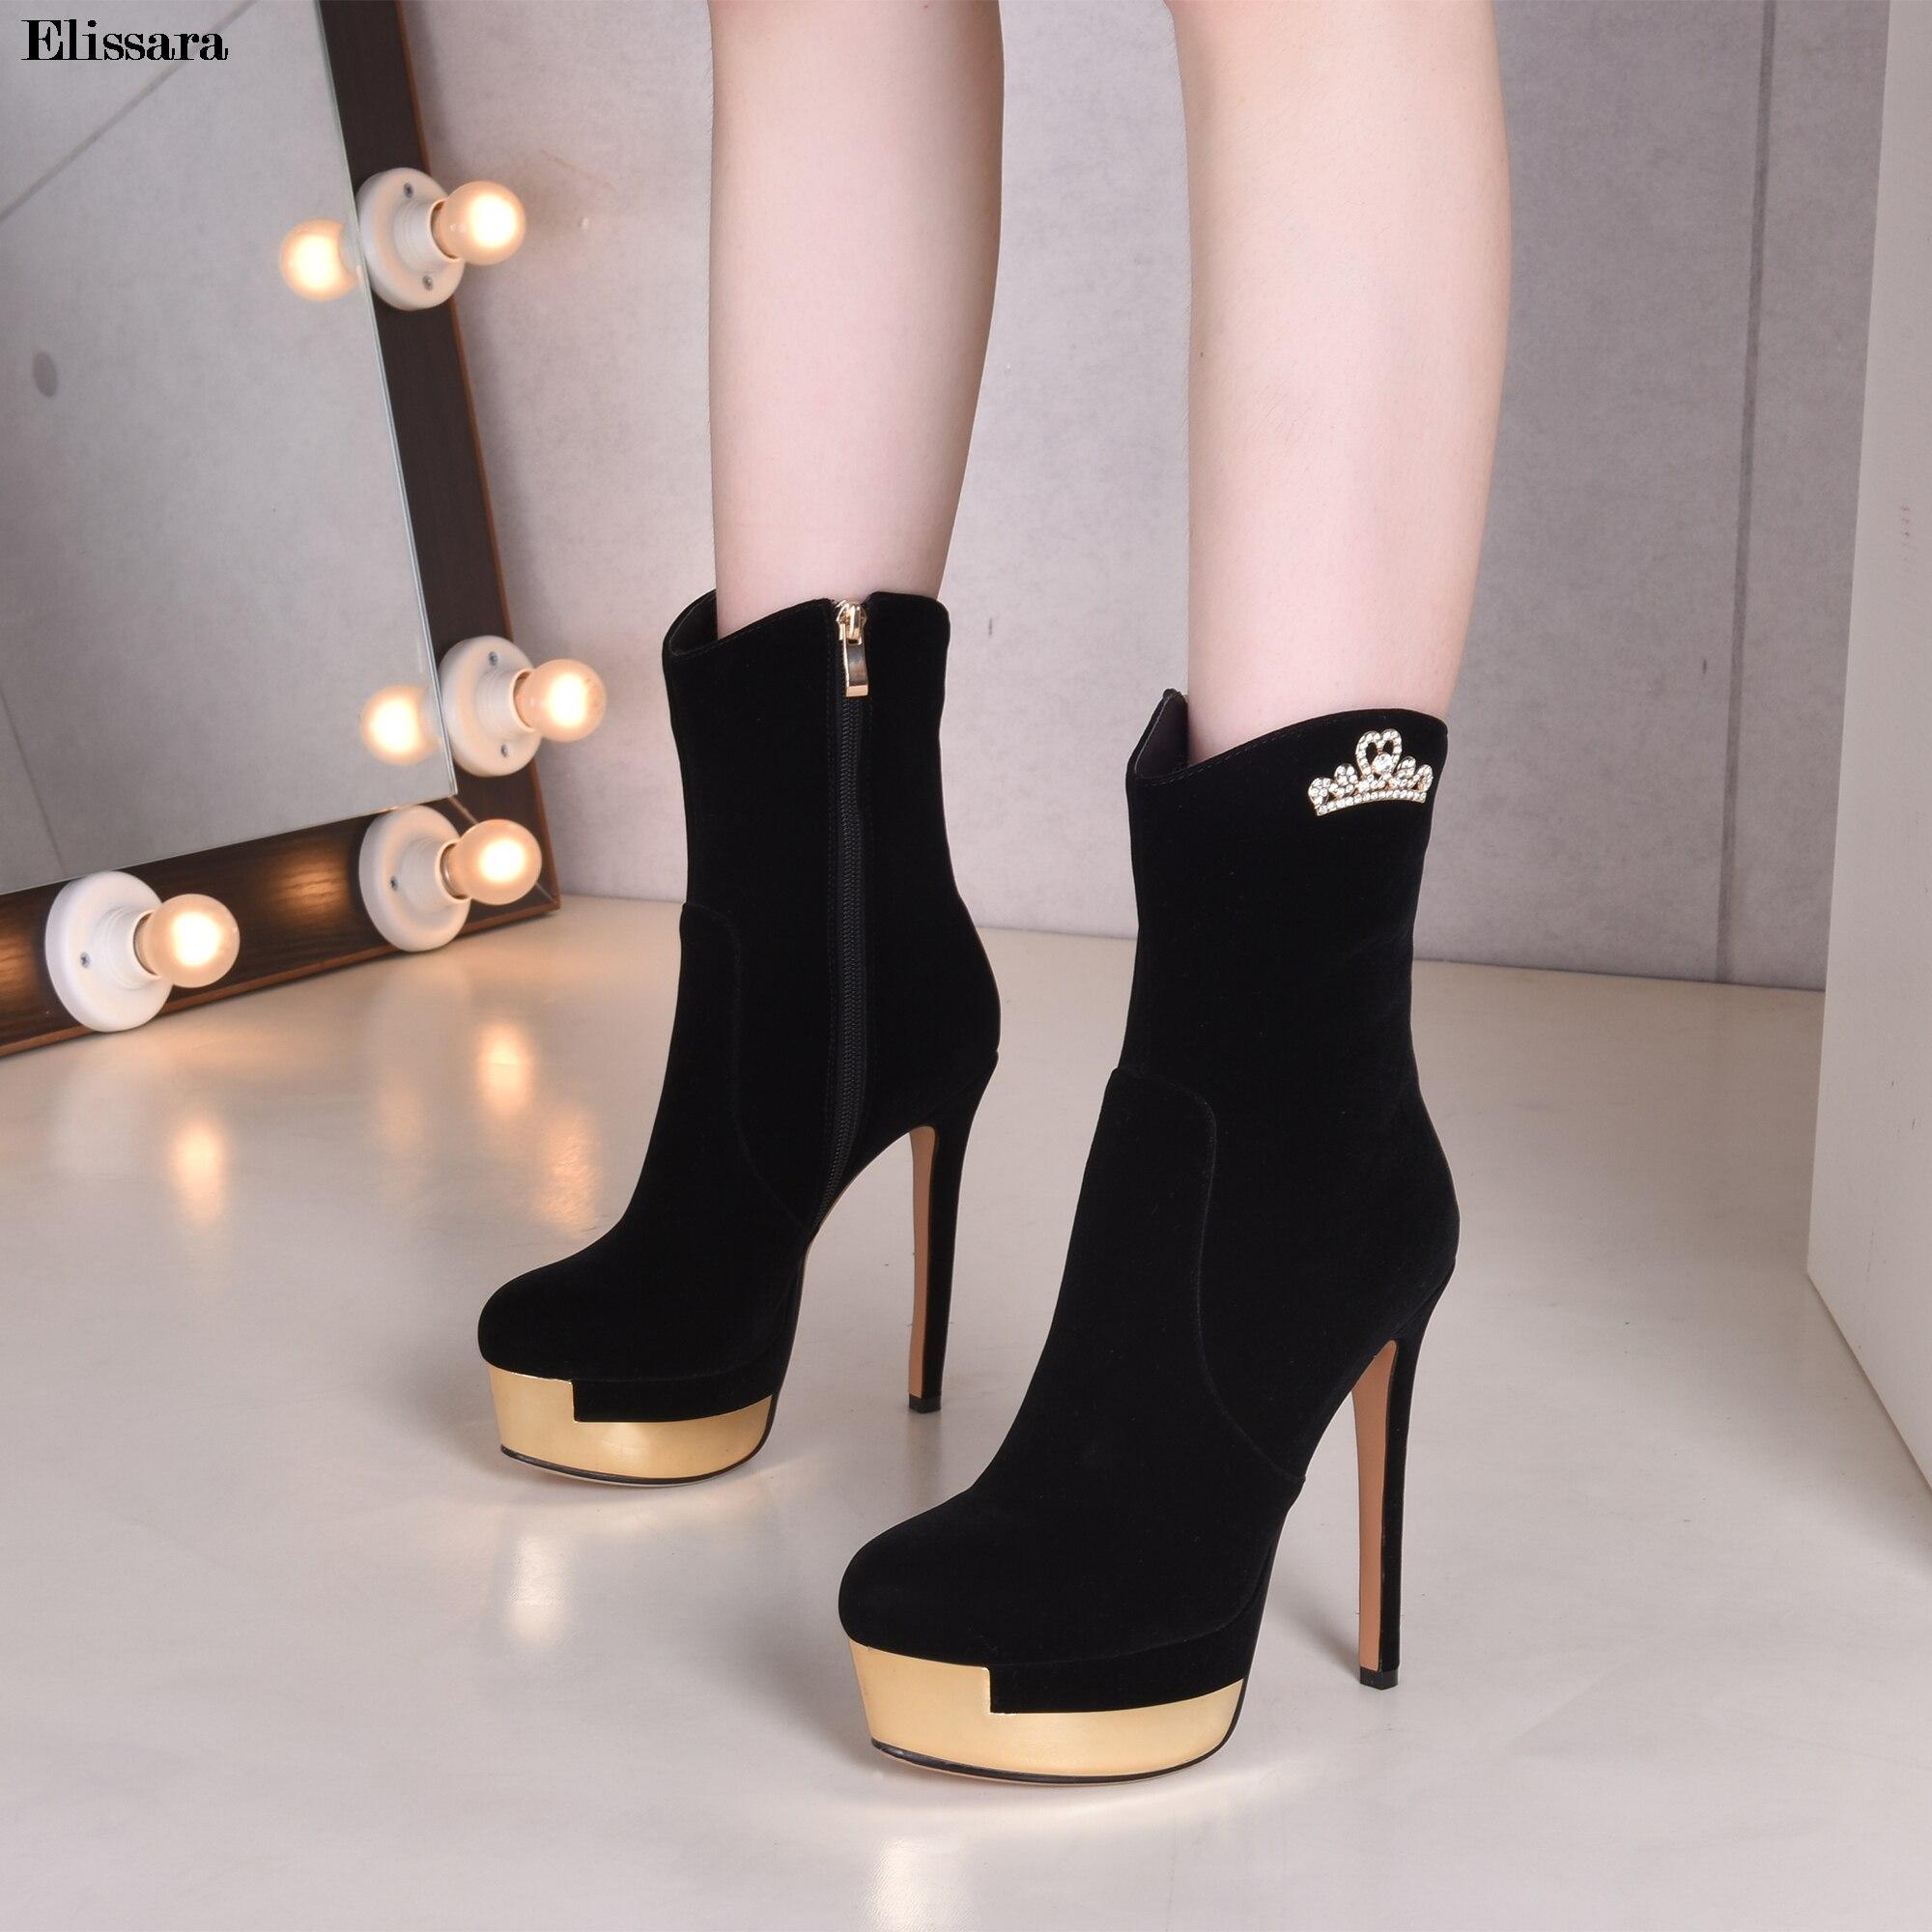 Metal Plataforma Elissara Extrema Alto Tacones Botines Botas 39 34 Zip Tamaño Mujeres Zapatos Negro Tacón FYFXA